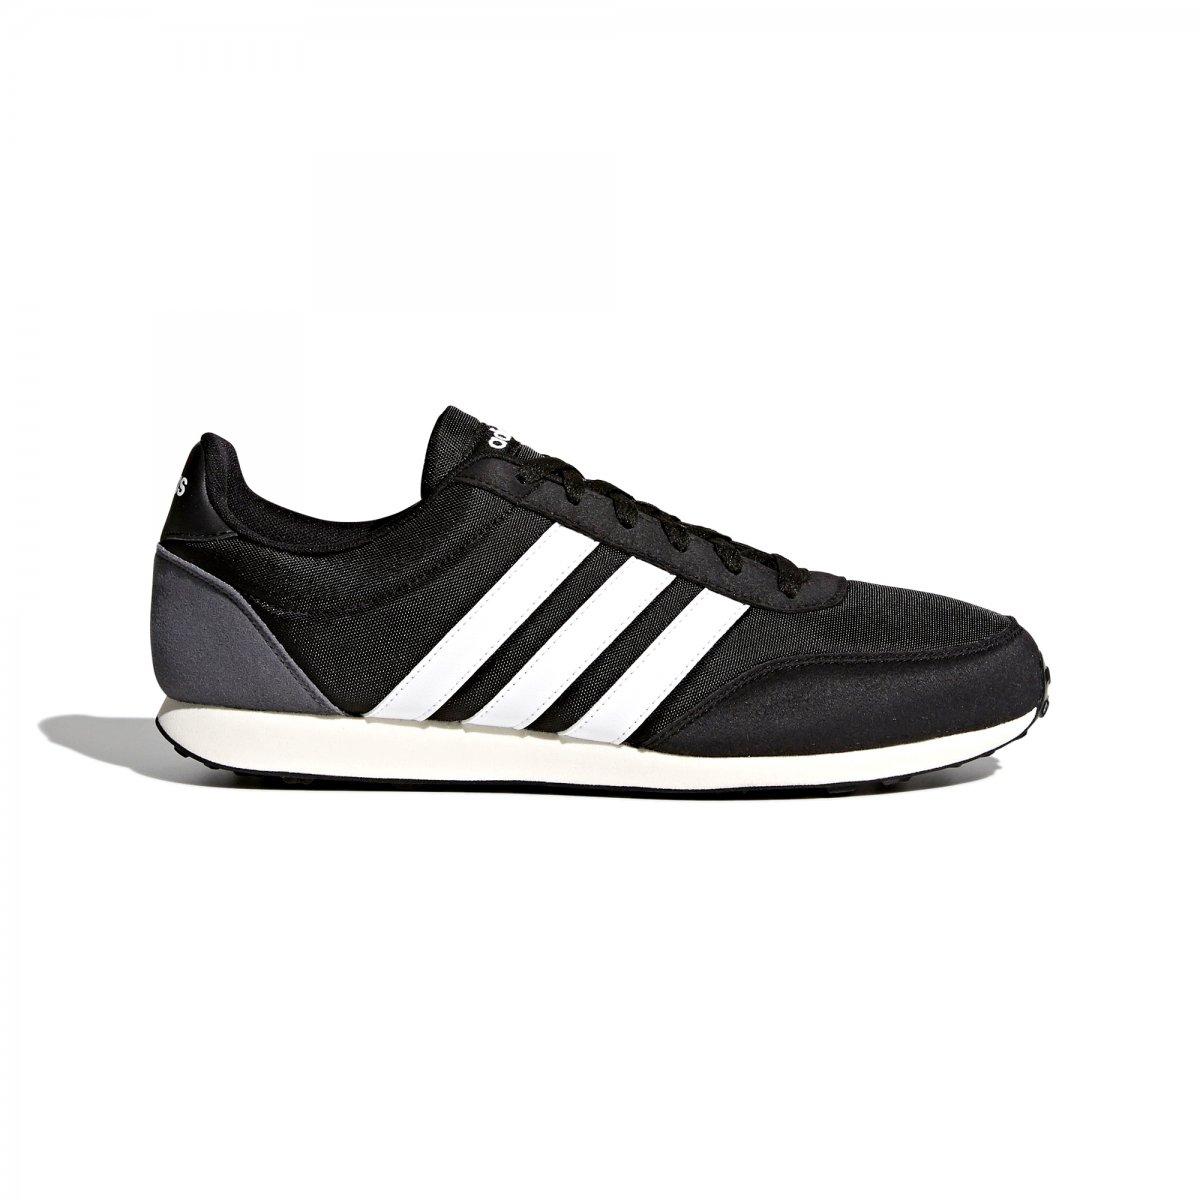 6cf094994 Tênis Adidas V Racer Masculino BC0106 - Preto/Branco - Botas Online ...